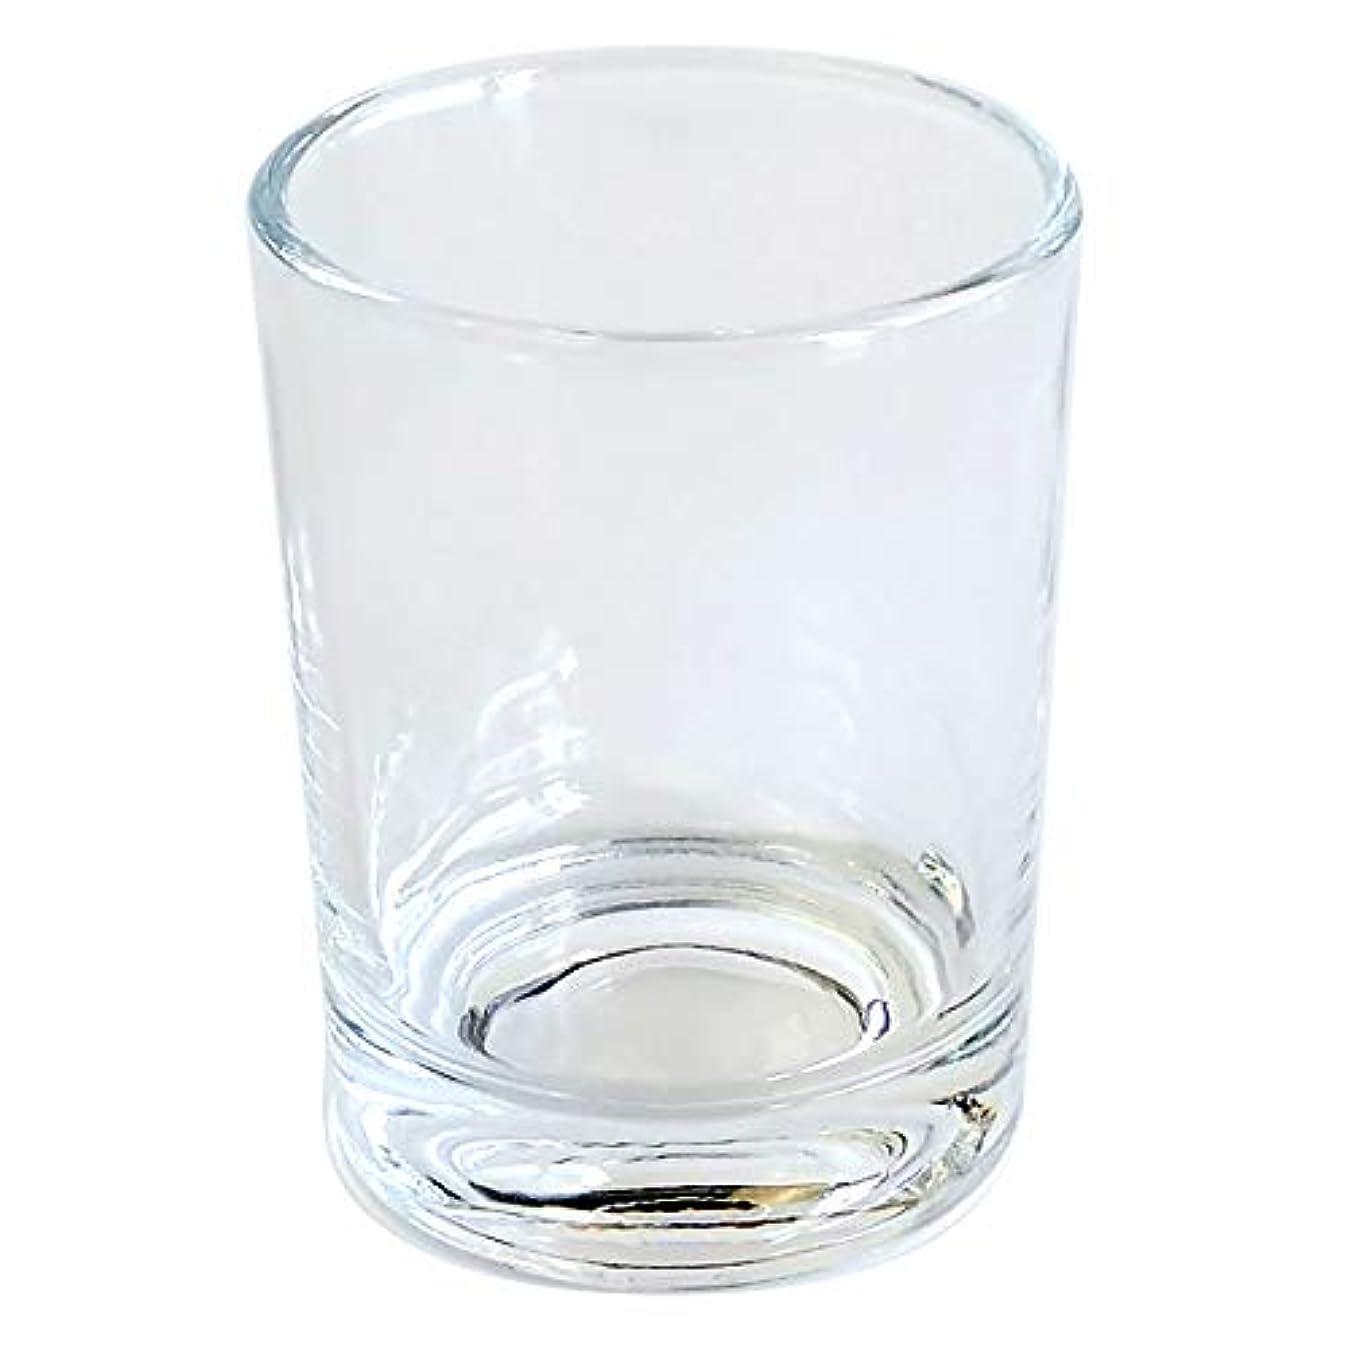 喉が渇いたブース配送キャンドルホルダー ガラス シンプル[大] 1個 キャンドルスタンド ろうそく立て おしゃれ